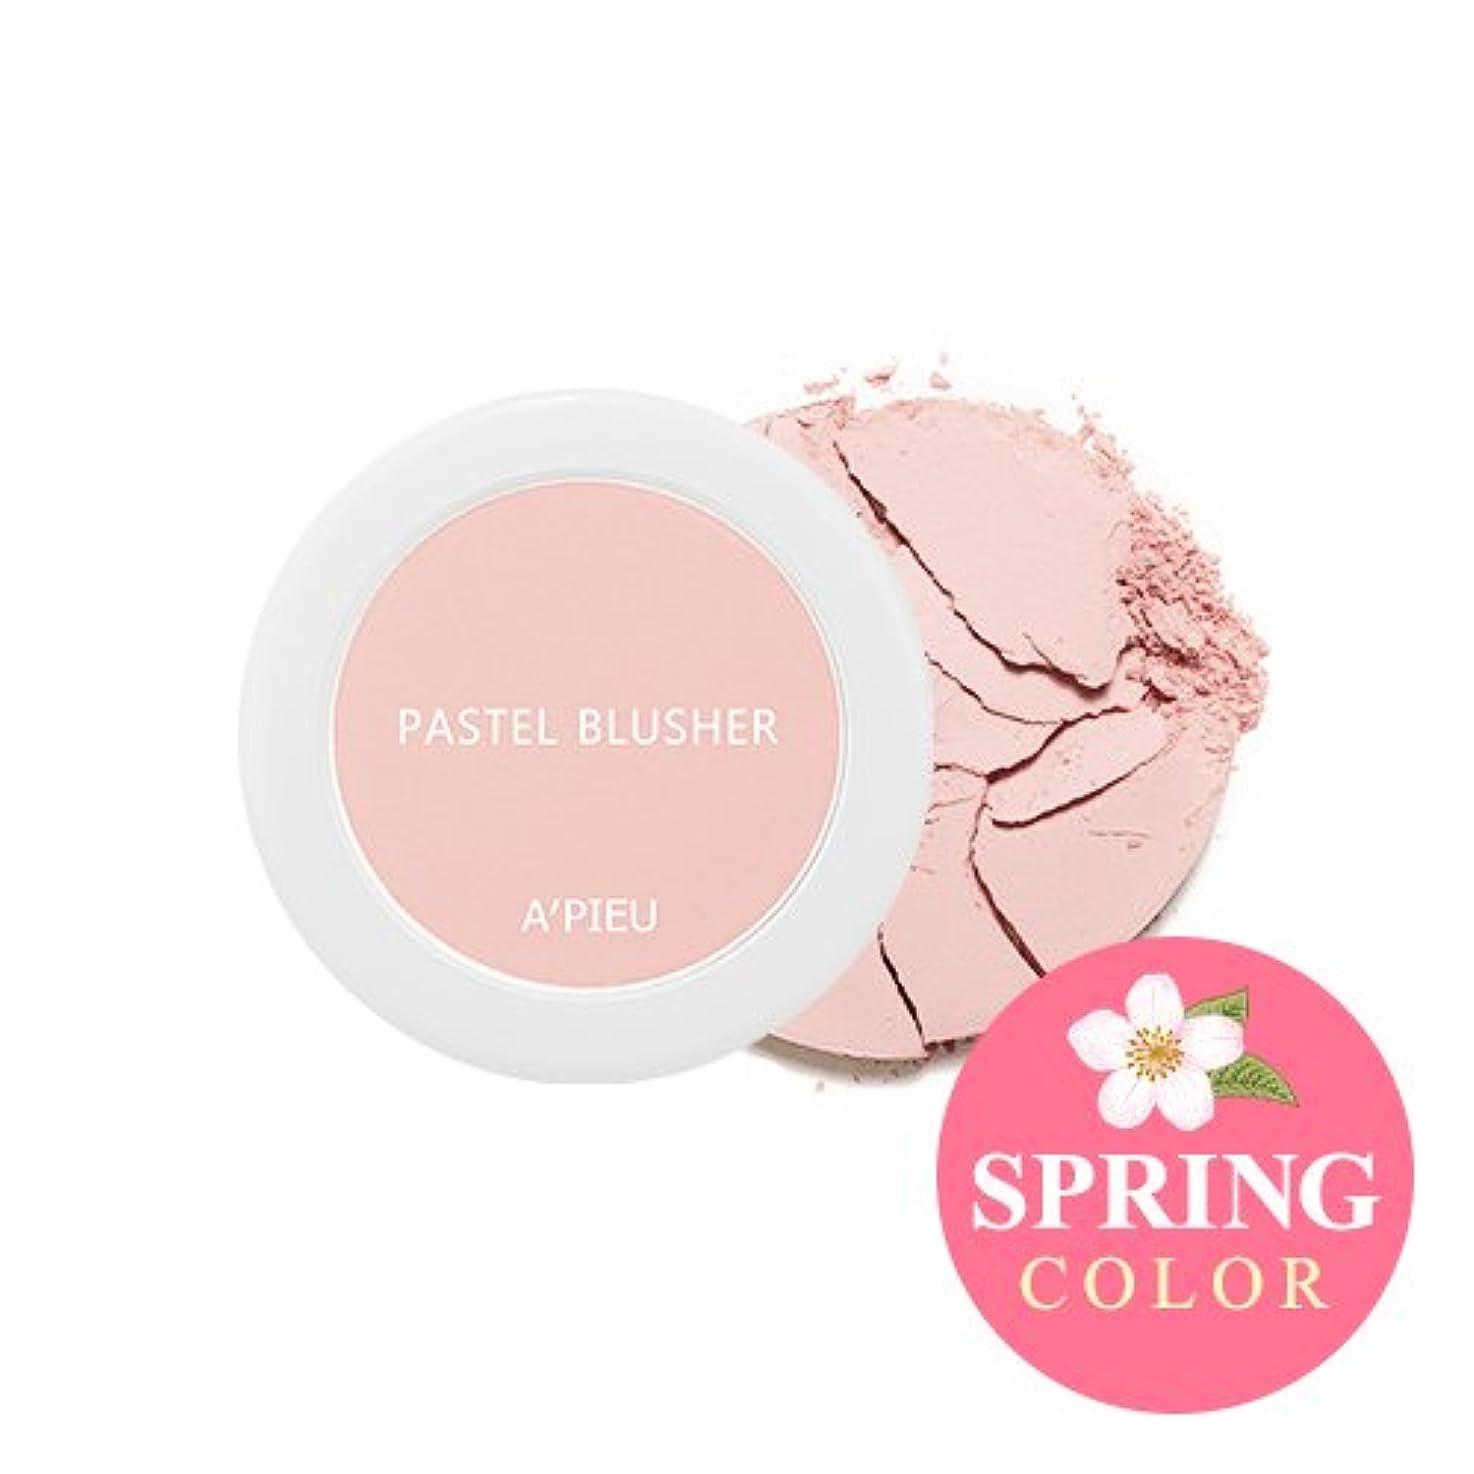 靴下休戦封筒A'PIEU Pastel Blusher #PK07 [アピュ/オピュ]パステル ブラッシャー #PK07 [並行輸入品]